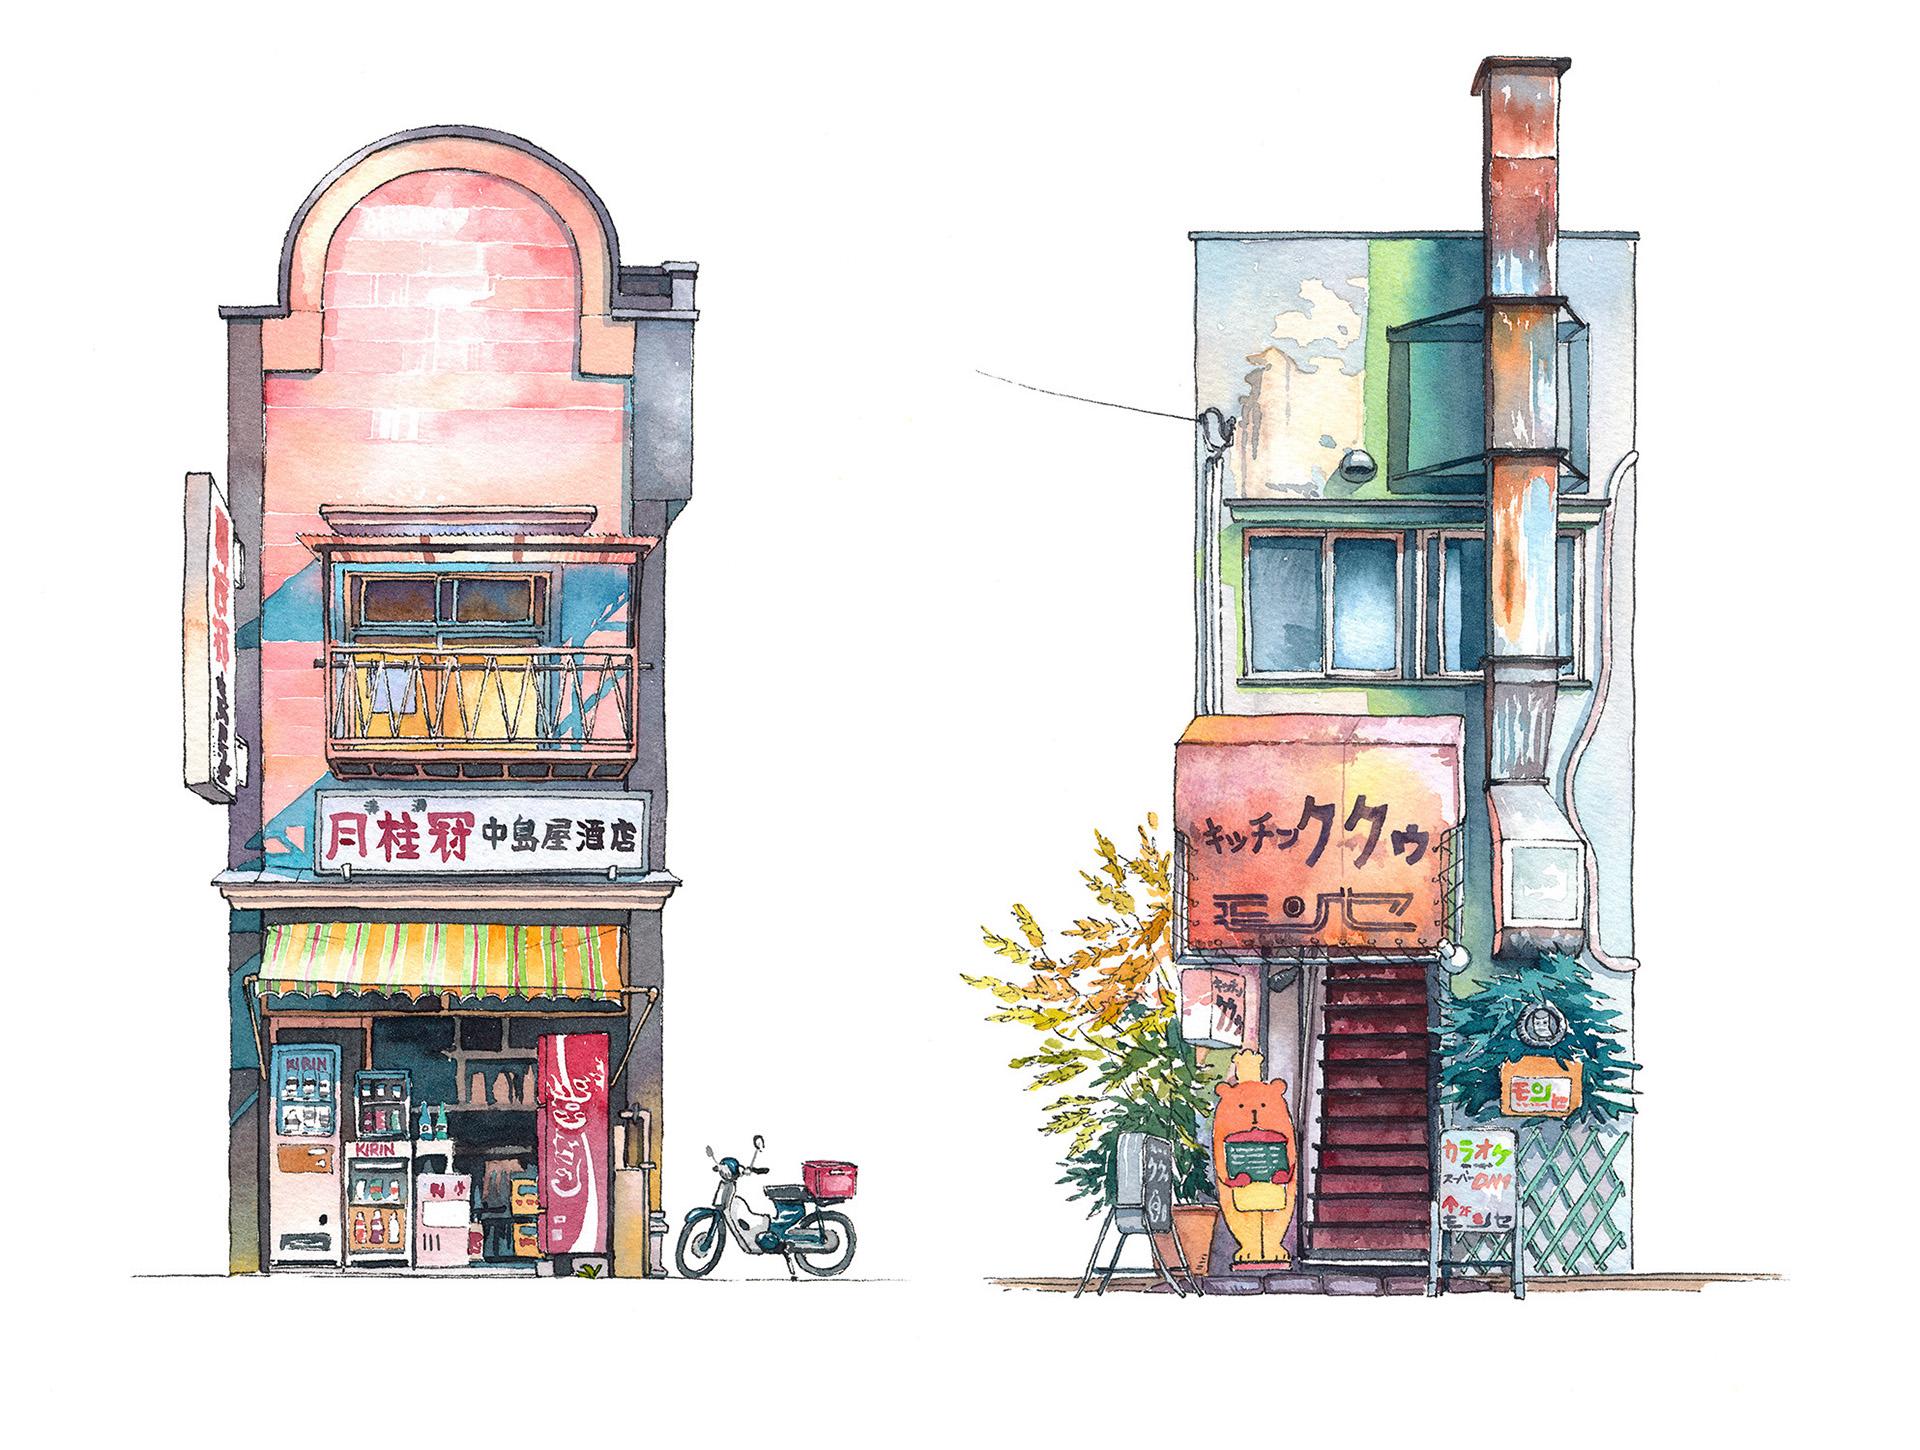 Nakashimaya Japanese sake shop from Mejiro district and Kitchen Kuku restaurant from Kichijyouji district